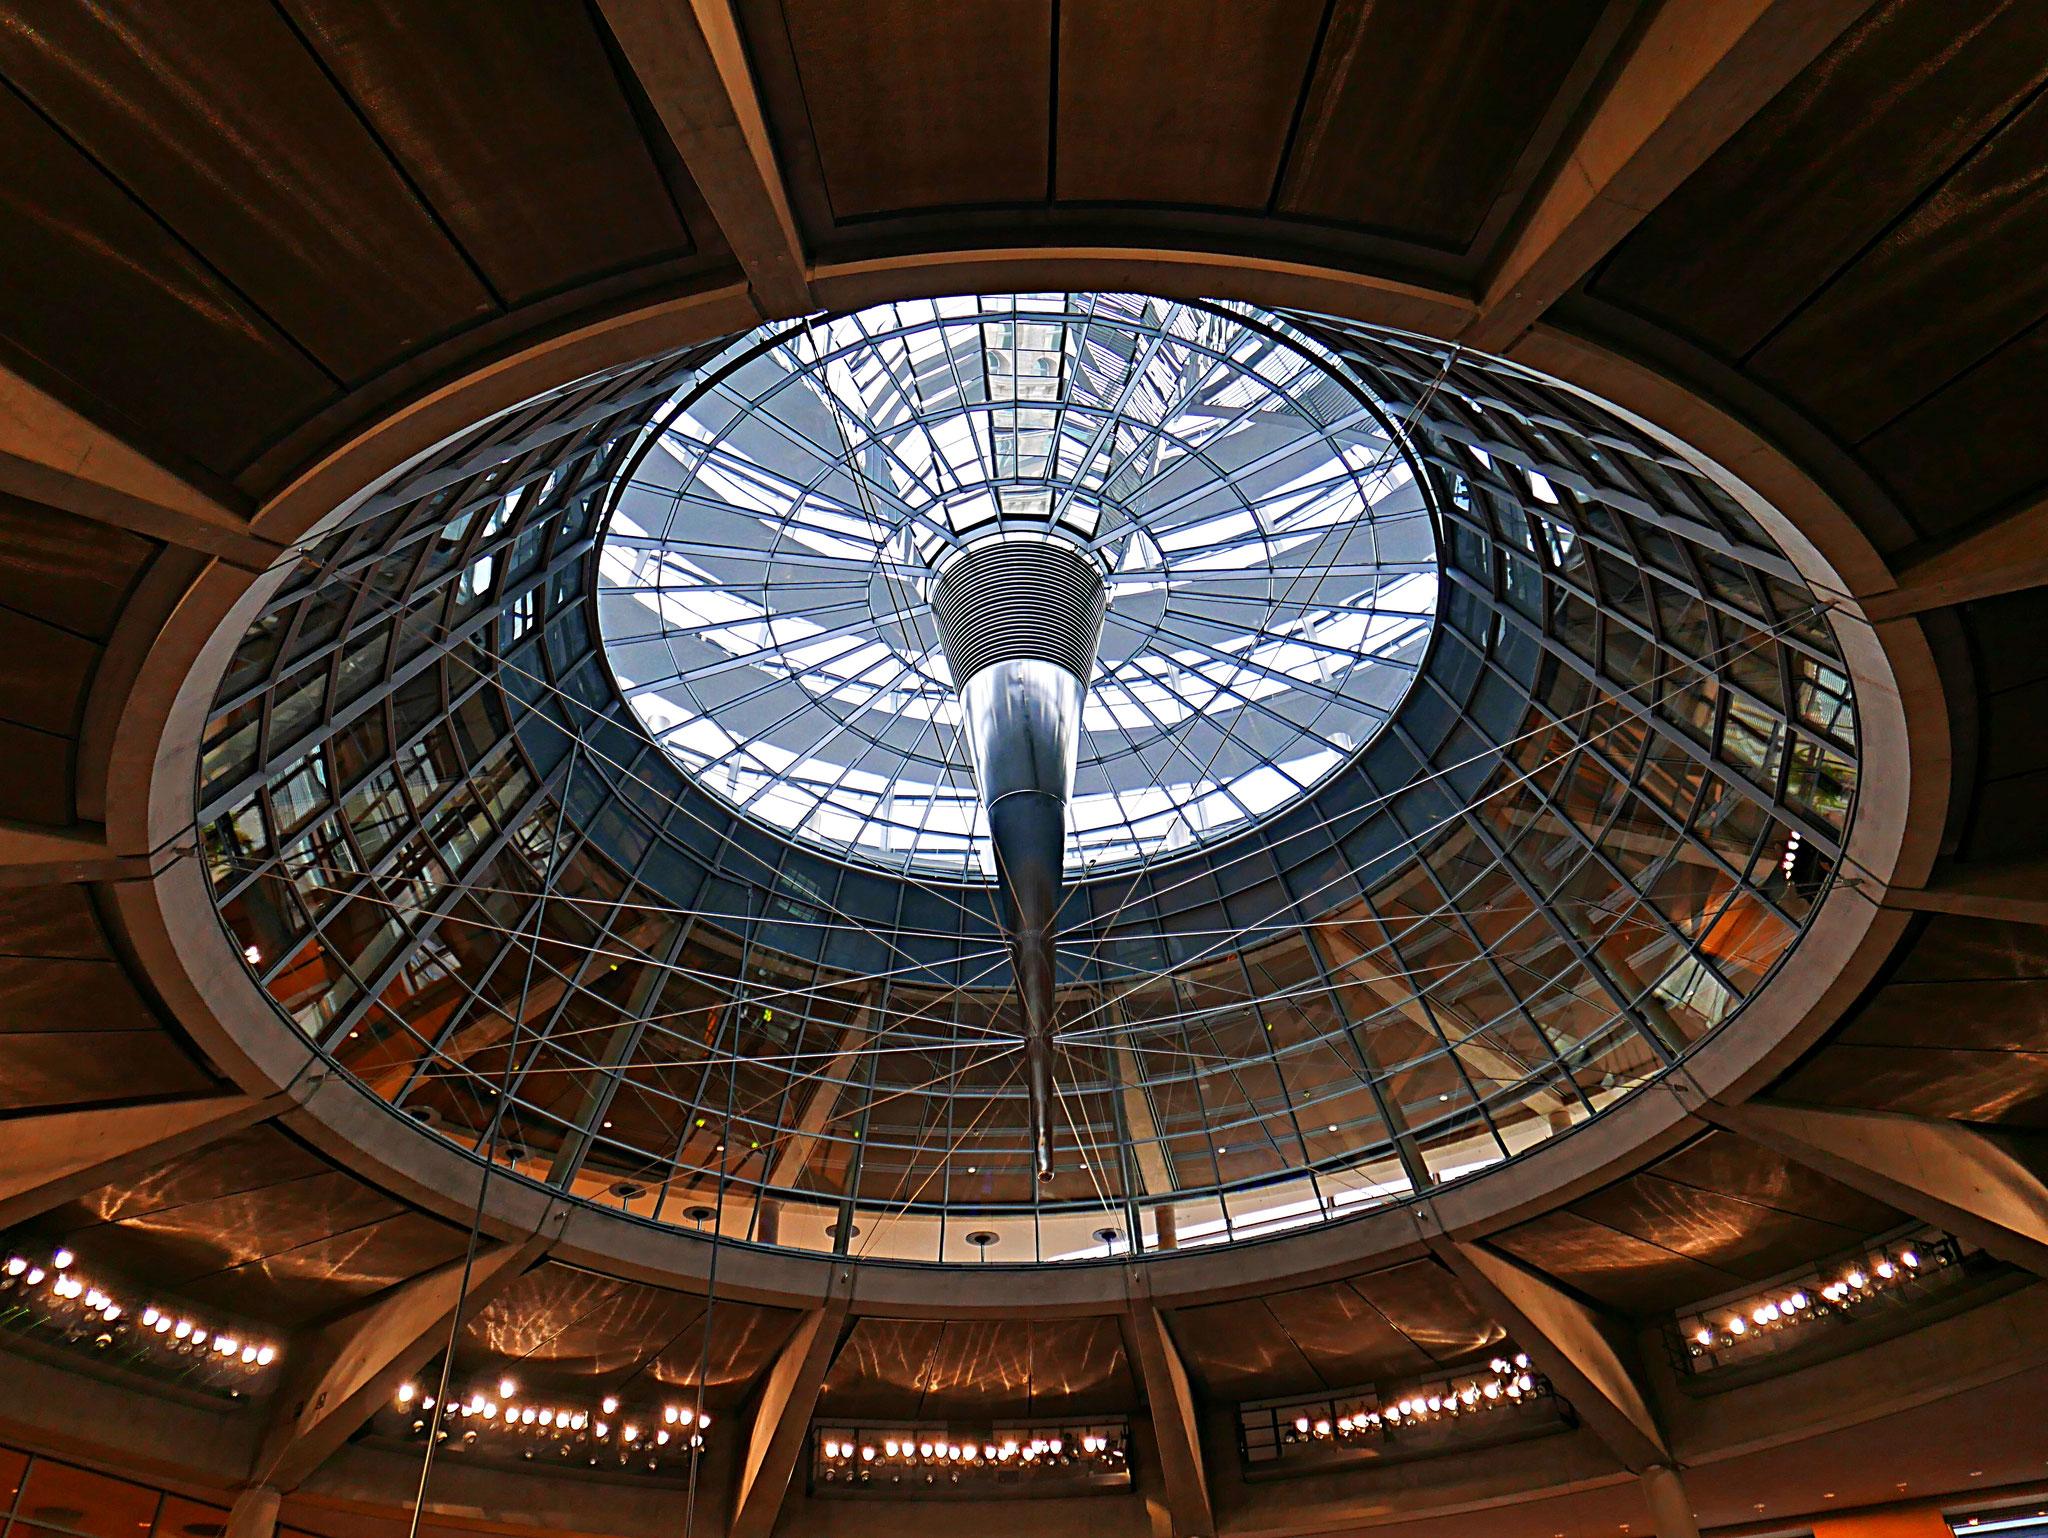 Der Trichter der Kuppel sorgt für gutes Licht und Luft im Plenarsaal